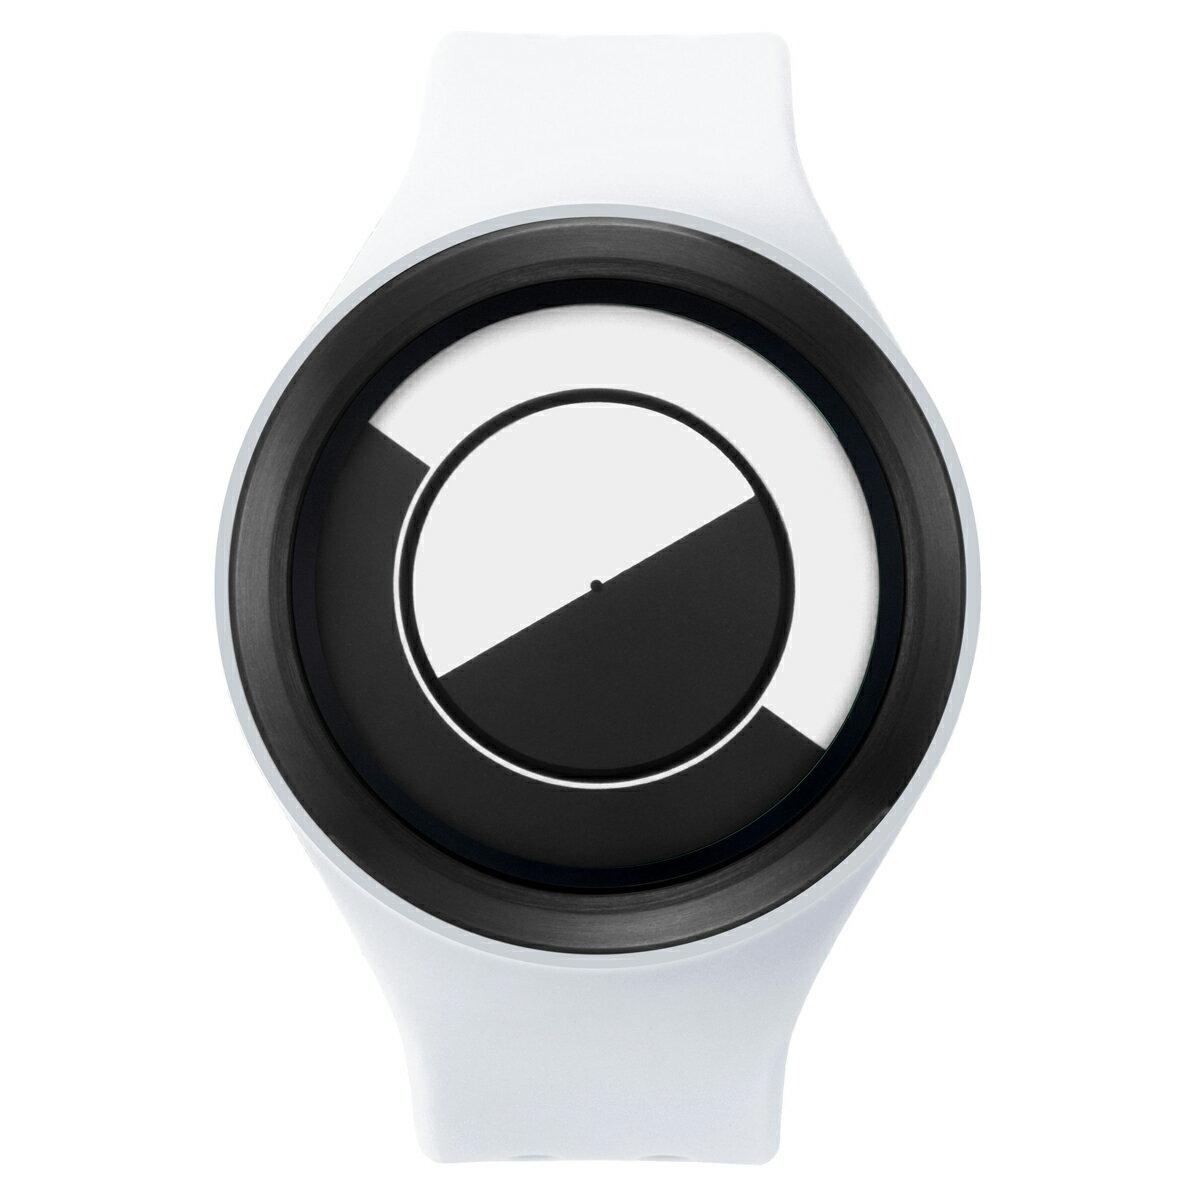 ZEROO QUARTER MOON ゼロ 電池式クォーツ 腕時計 [W01001B03SR01] ホワイト デザインウォッチ ペア用 メンズ レディース ユニセックス おしゃれ時計 デザイナーズ